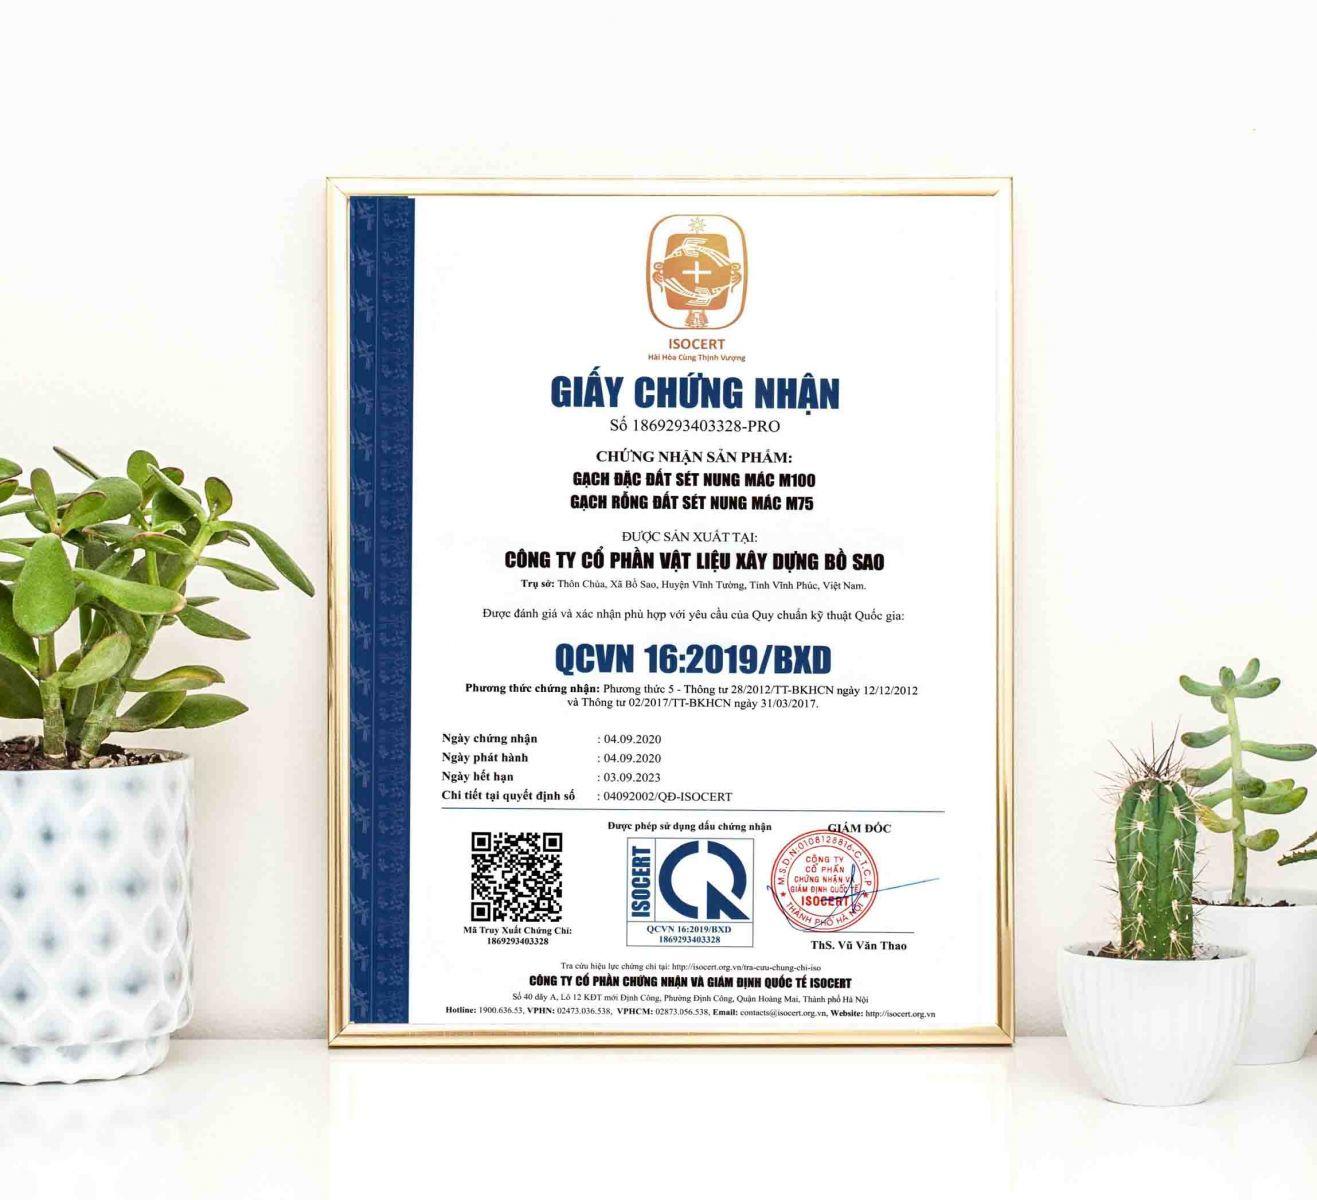 giấy chứng nhận hợp quy